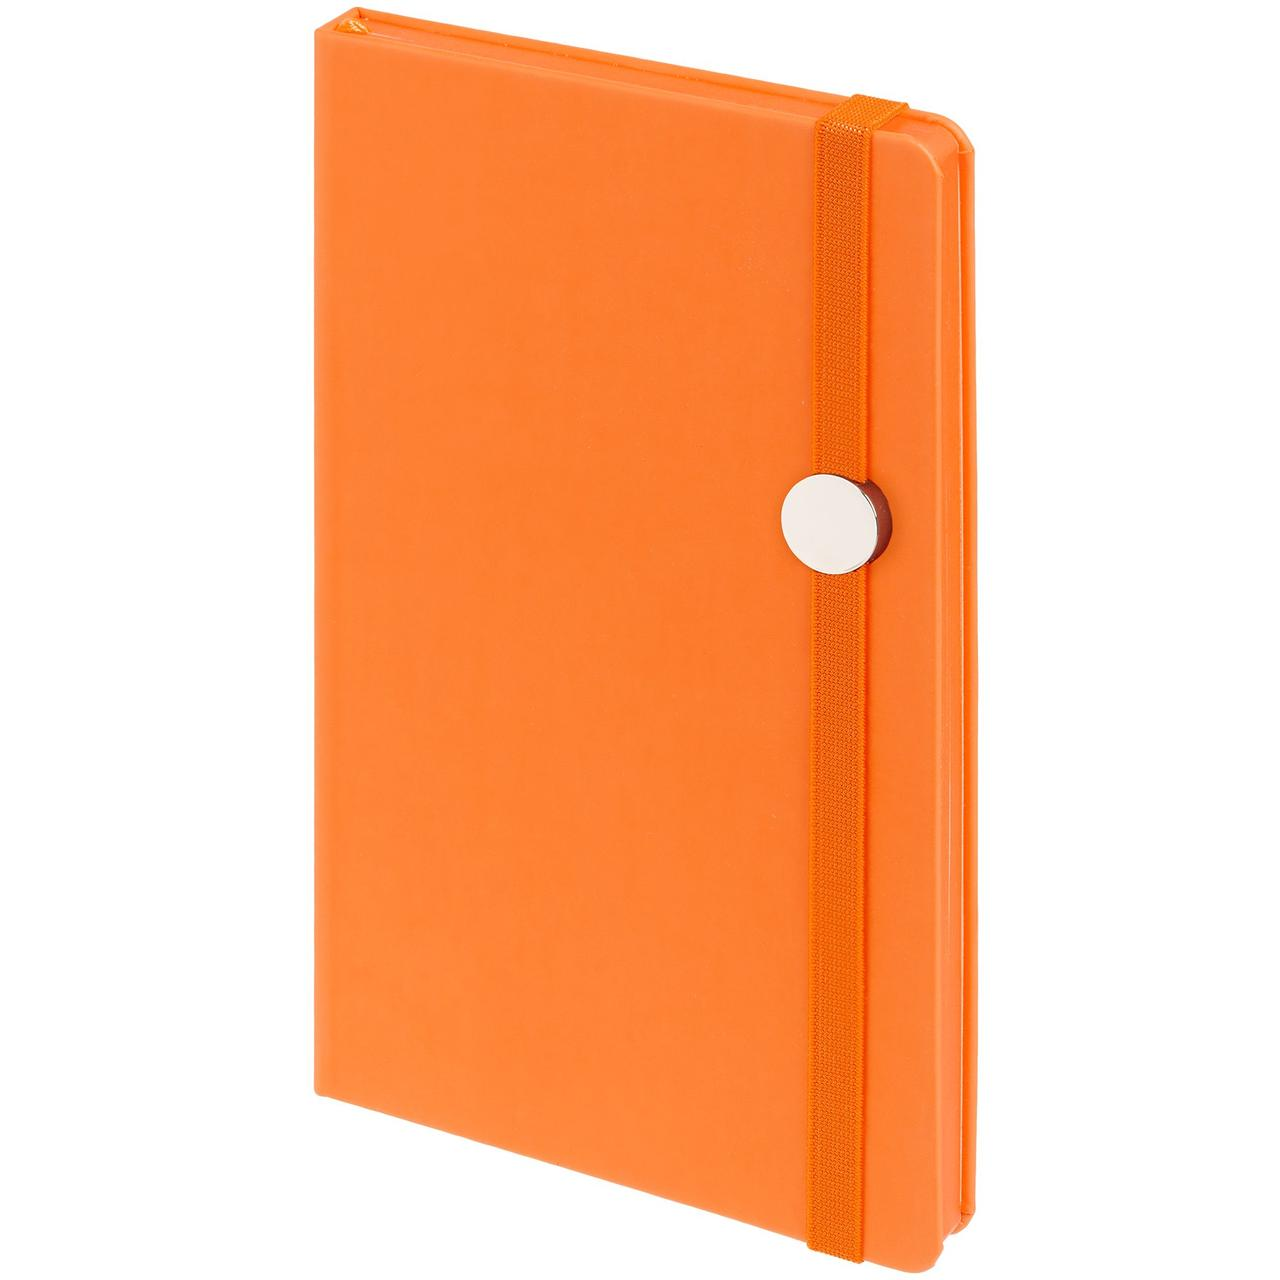 Блокнот Shall Round, оранжевый (артикул 11882.20)